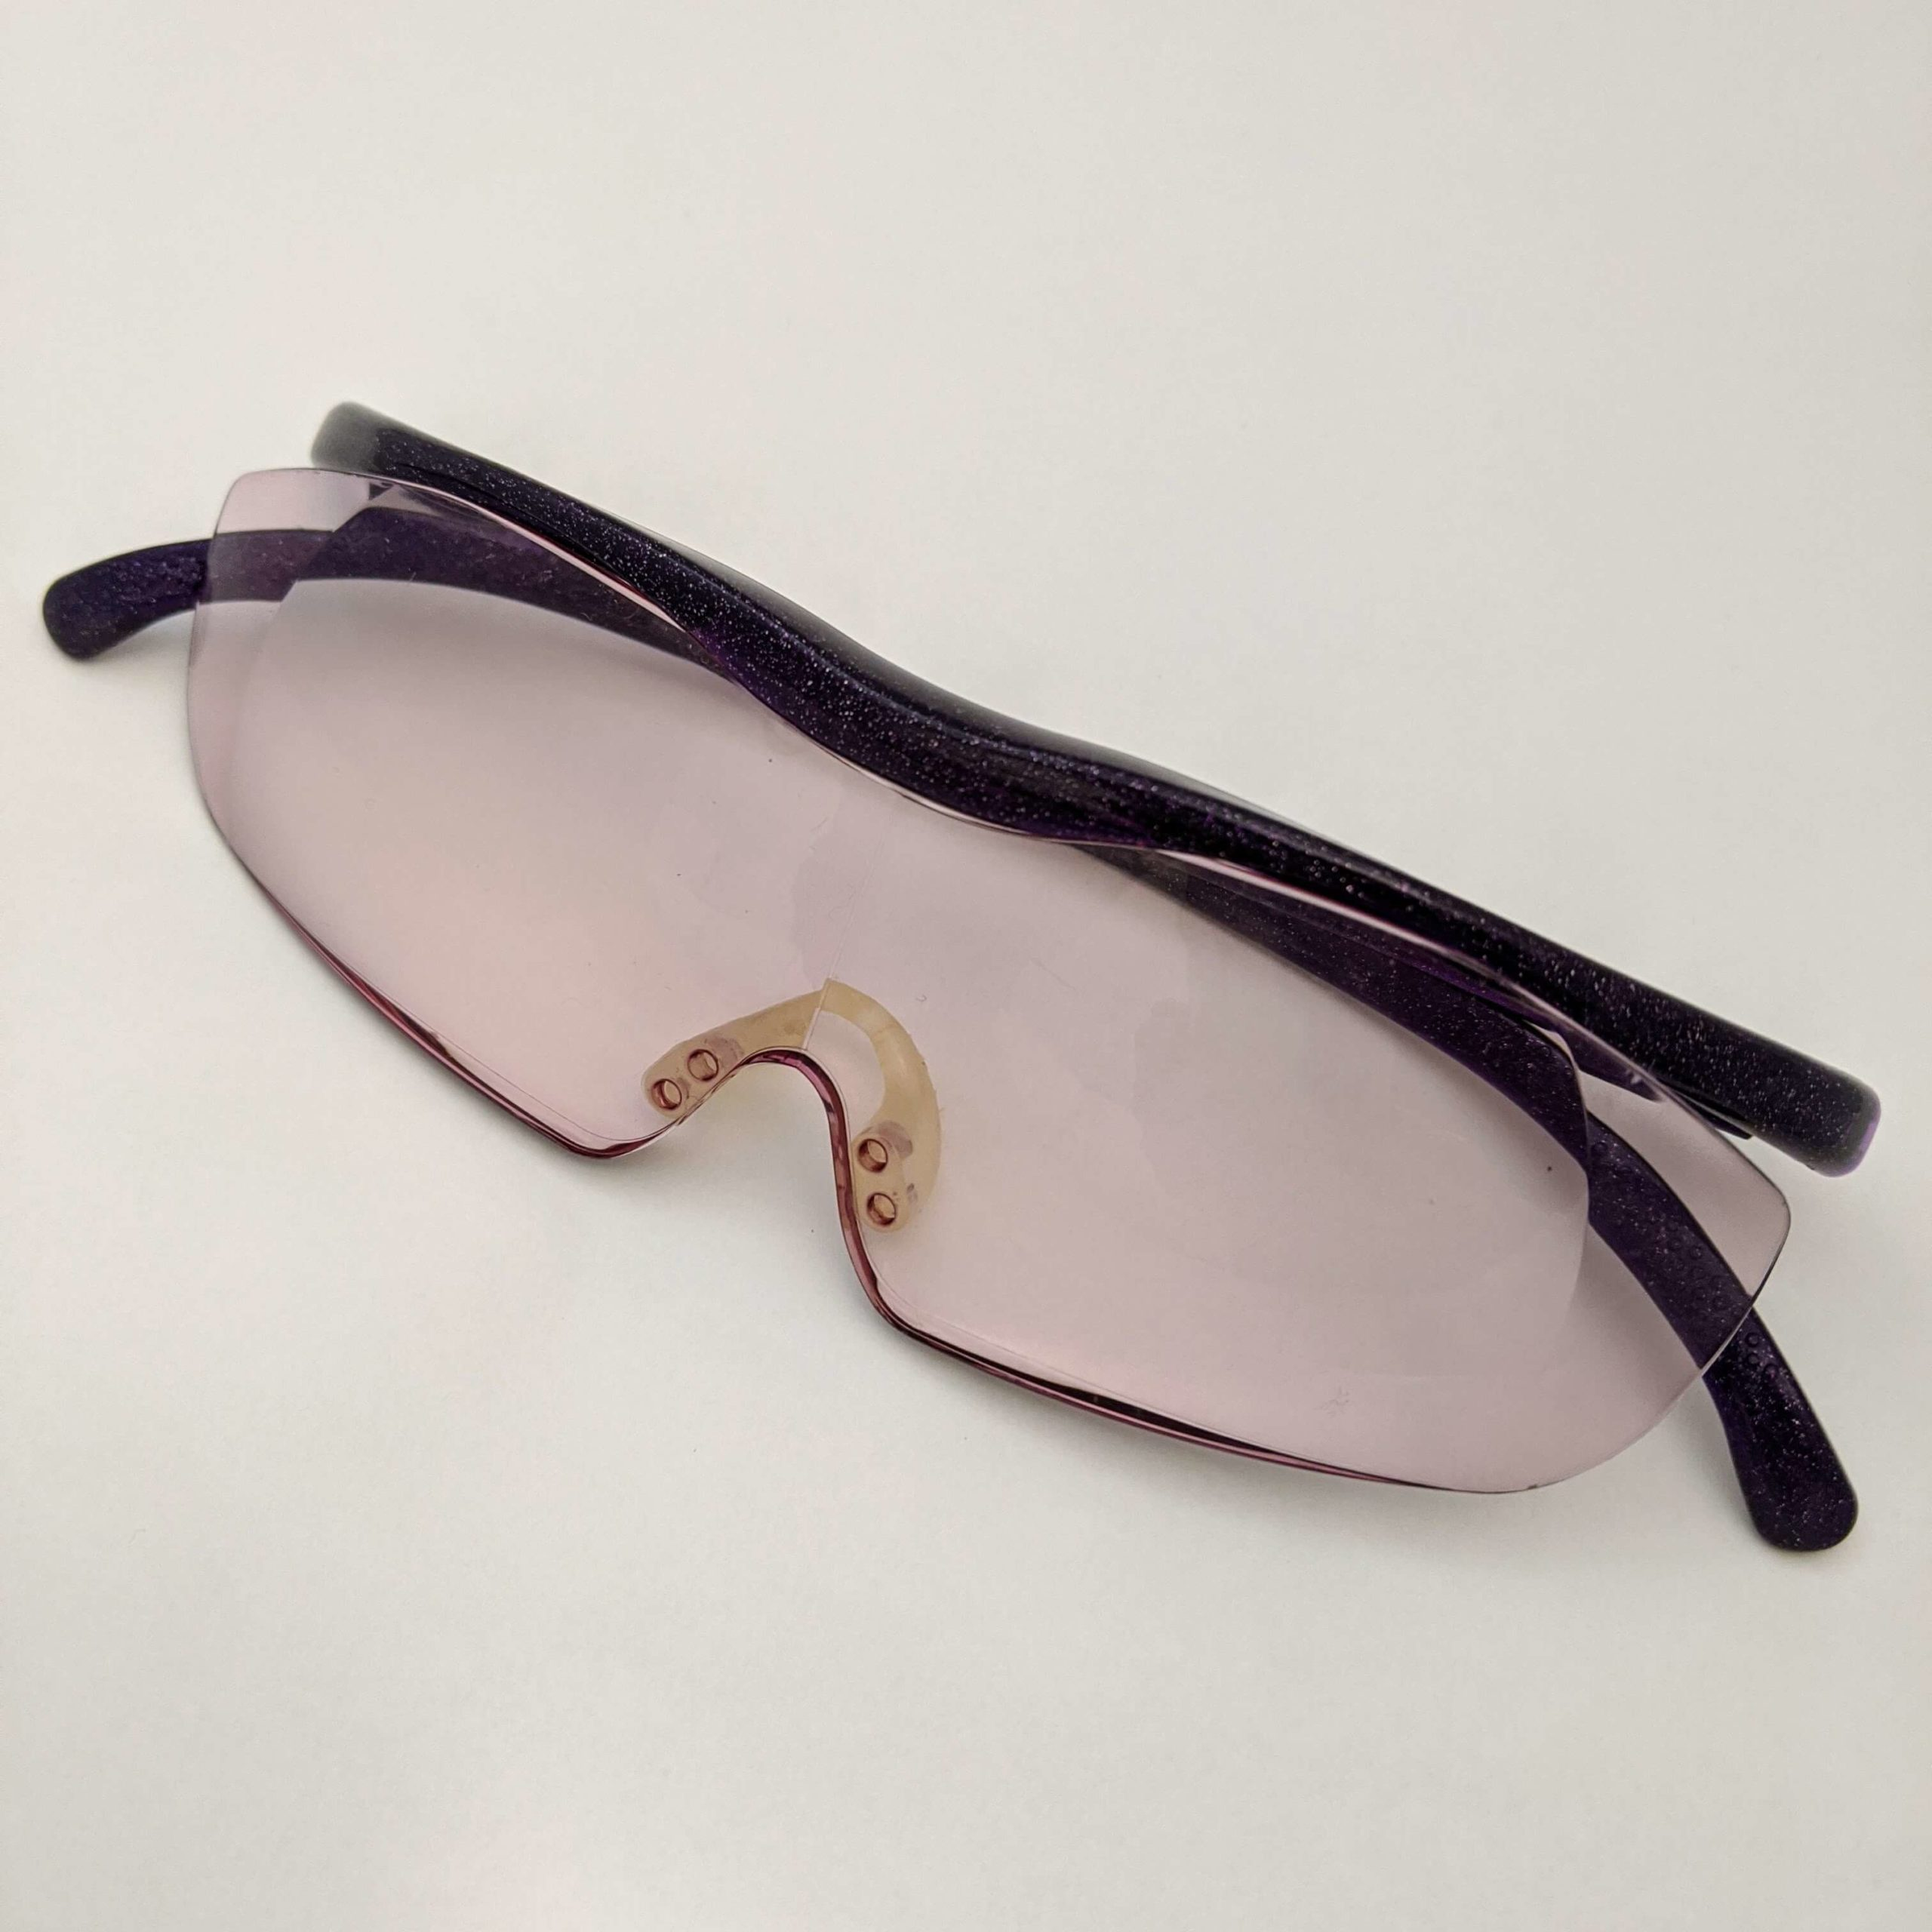 グルーデコを作る時にあると良い眼鏡型 拡大鏡のハズキルーペ